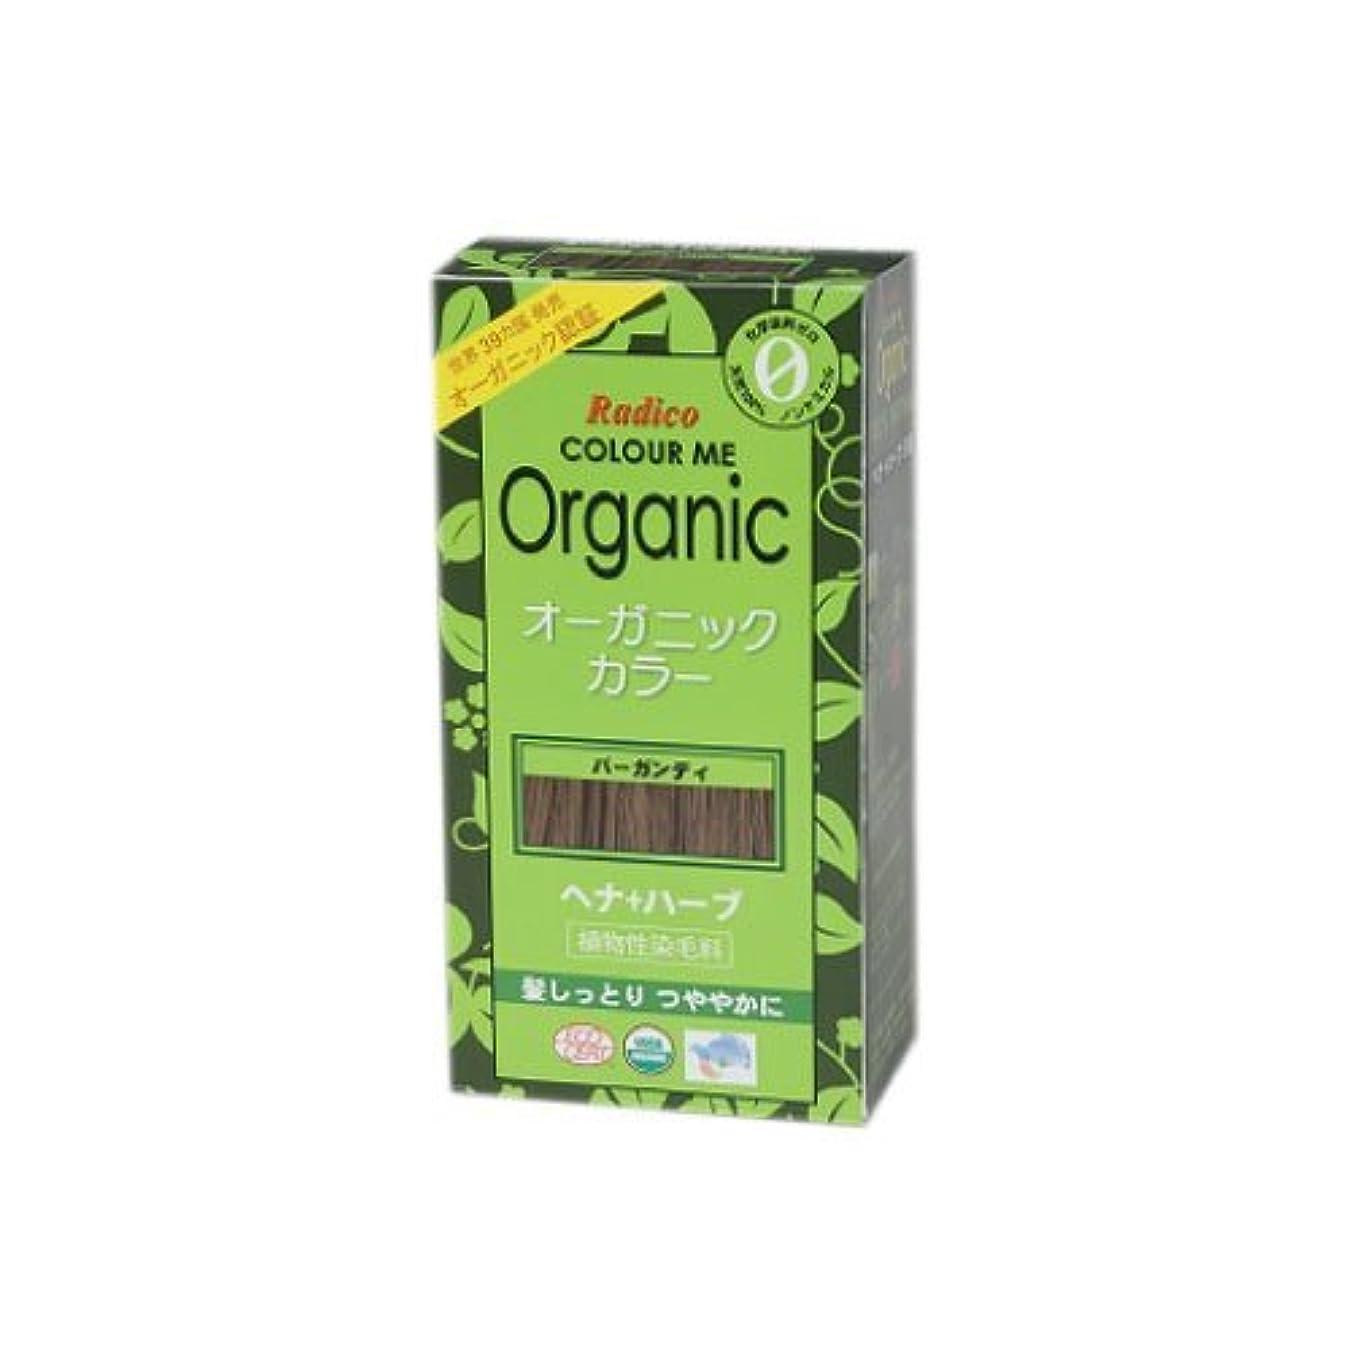 連邦空港ヘルシーCOLOURME Organic (カラーミーオーガニック ヘナ 白髪用) バーガンディ 100g